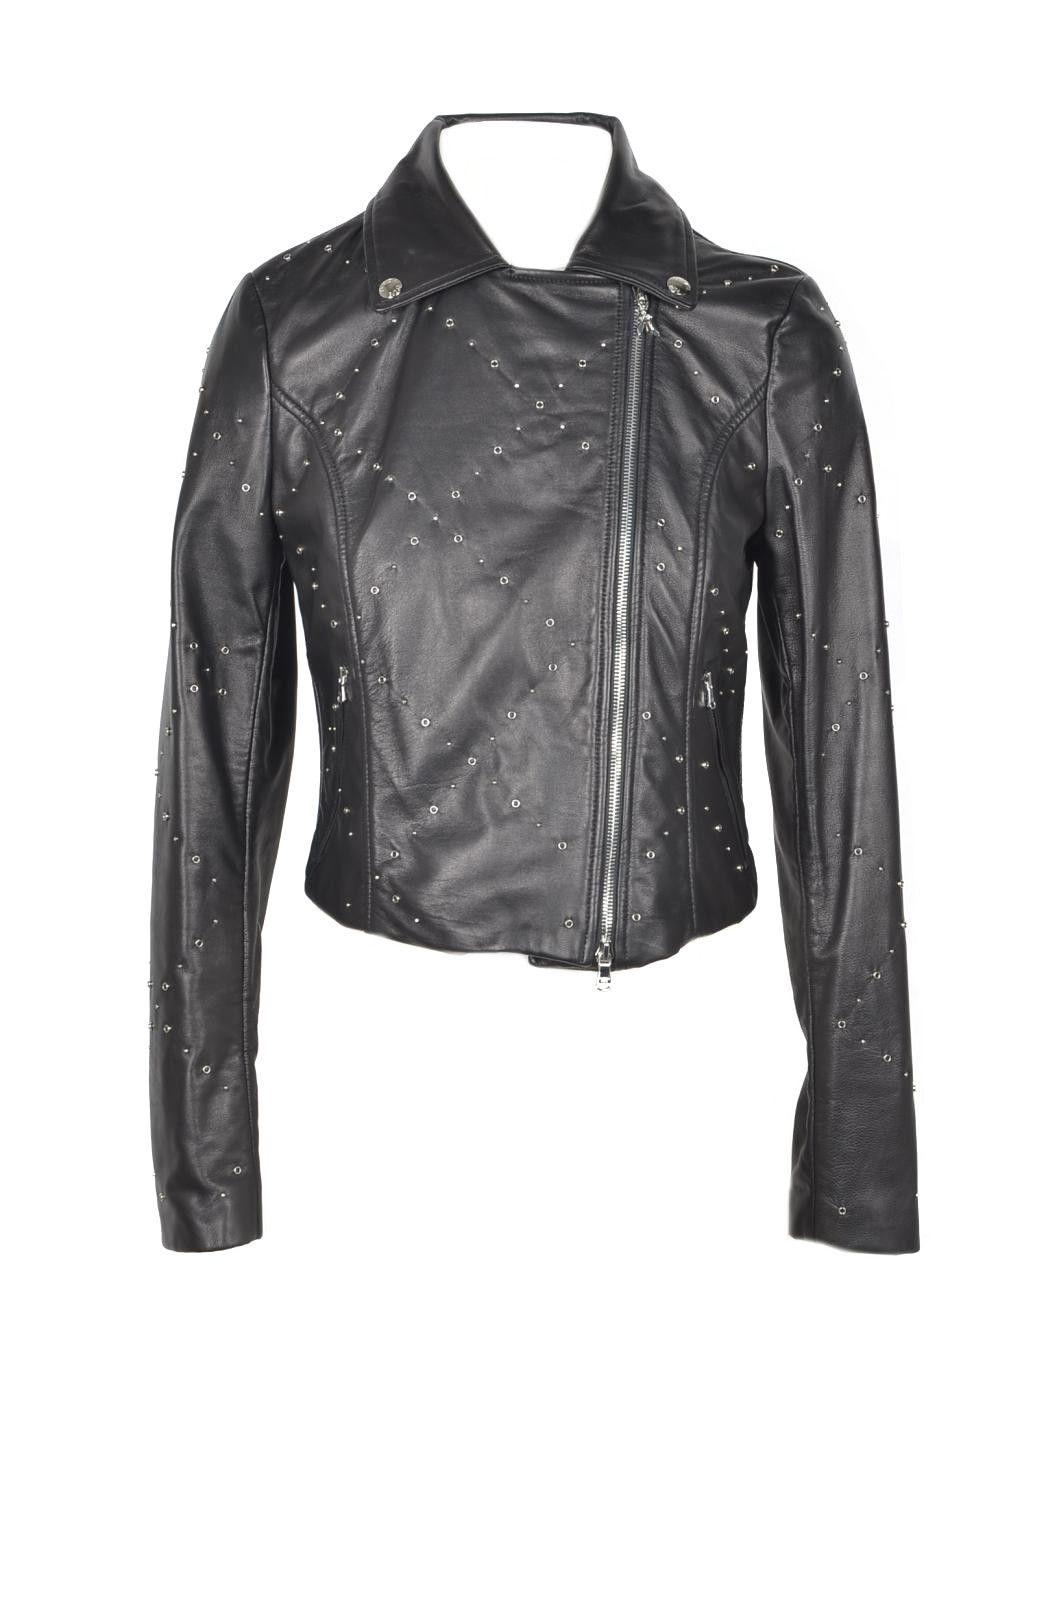 Patrizia Pepe Women's Blazer In Black